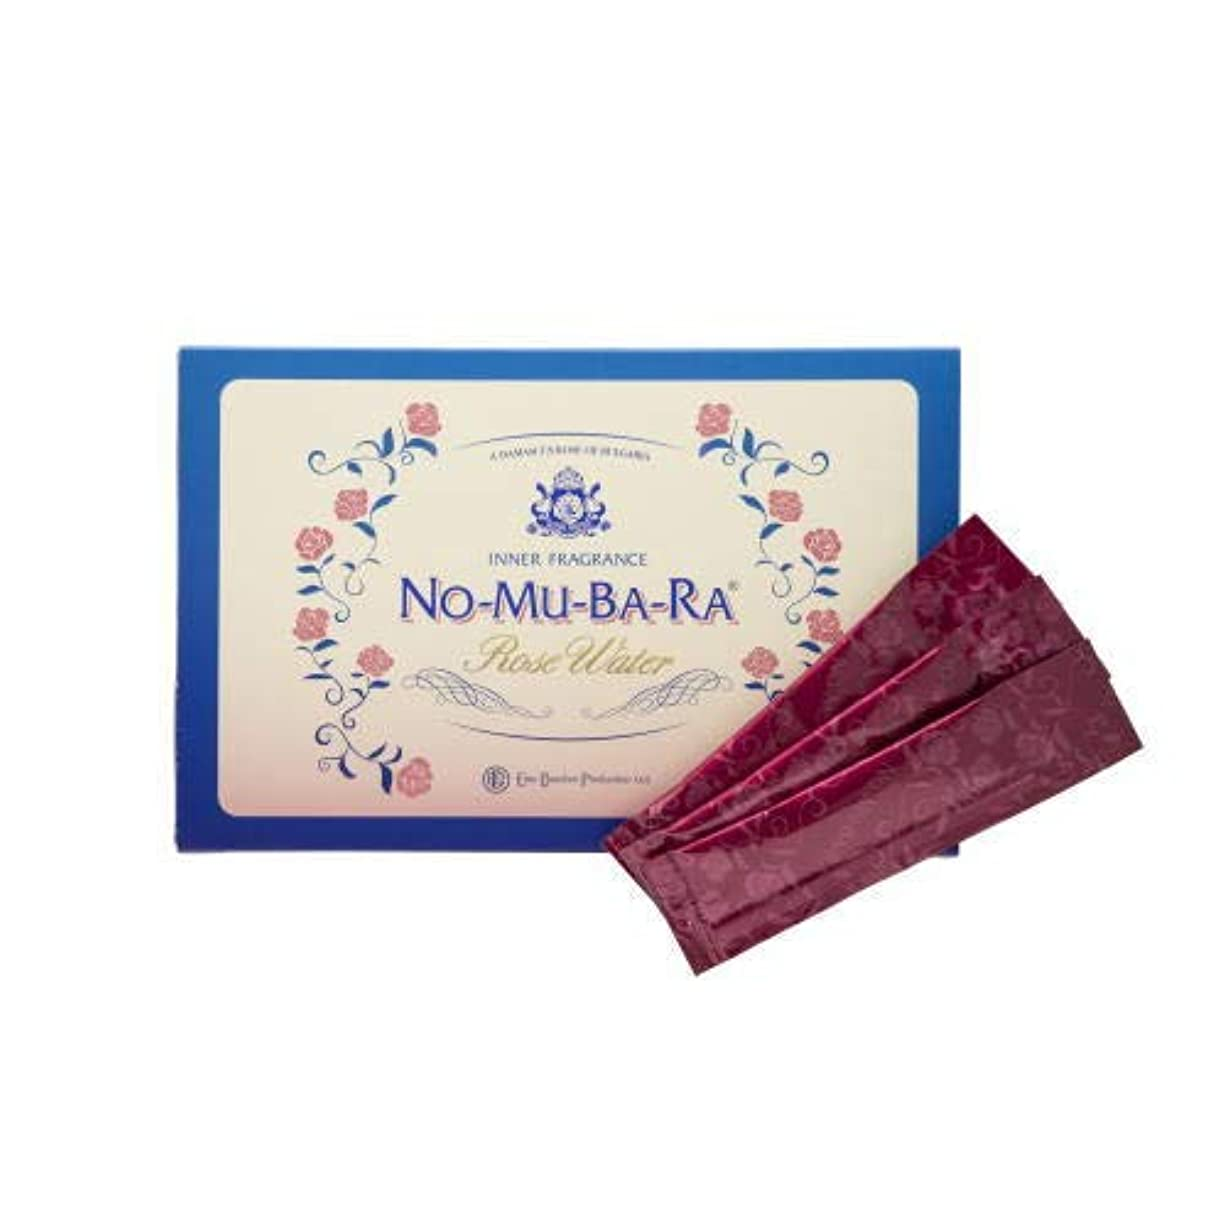 吐き出すアノイ燃料NO-MU-BA-RA NO-MU-BA-RA(ノムバラ)(35包入)×2箱【モンドセレクション受賞】